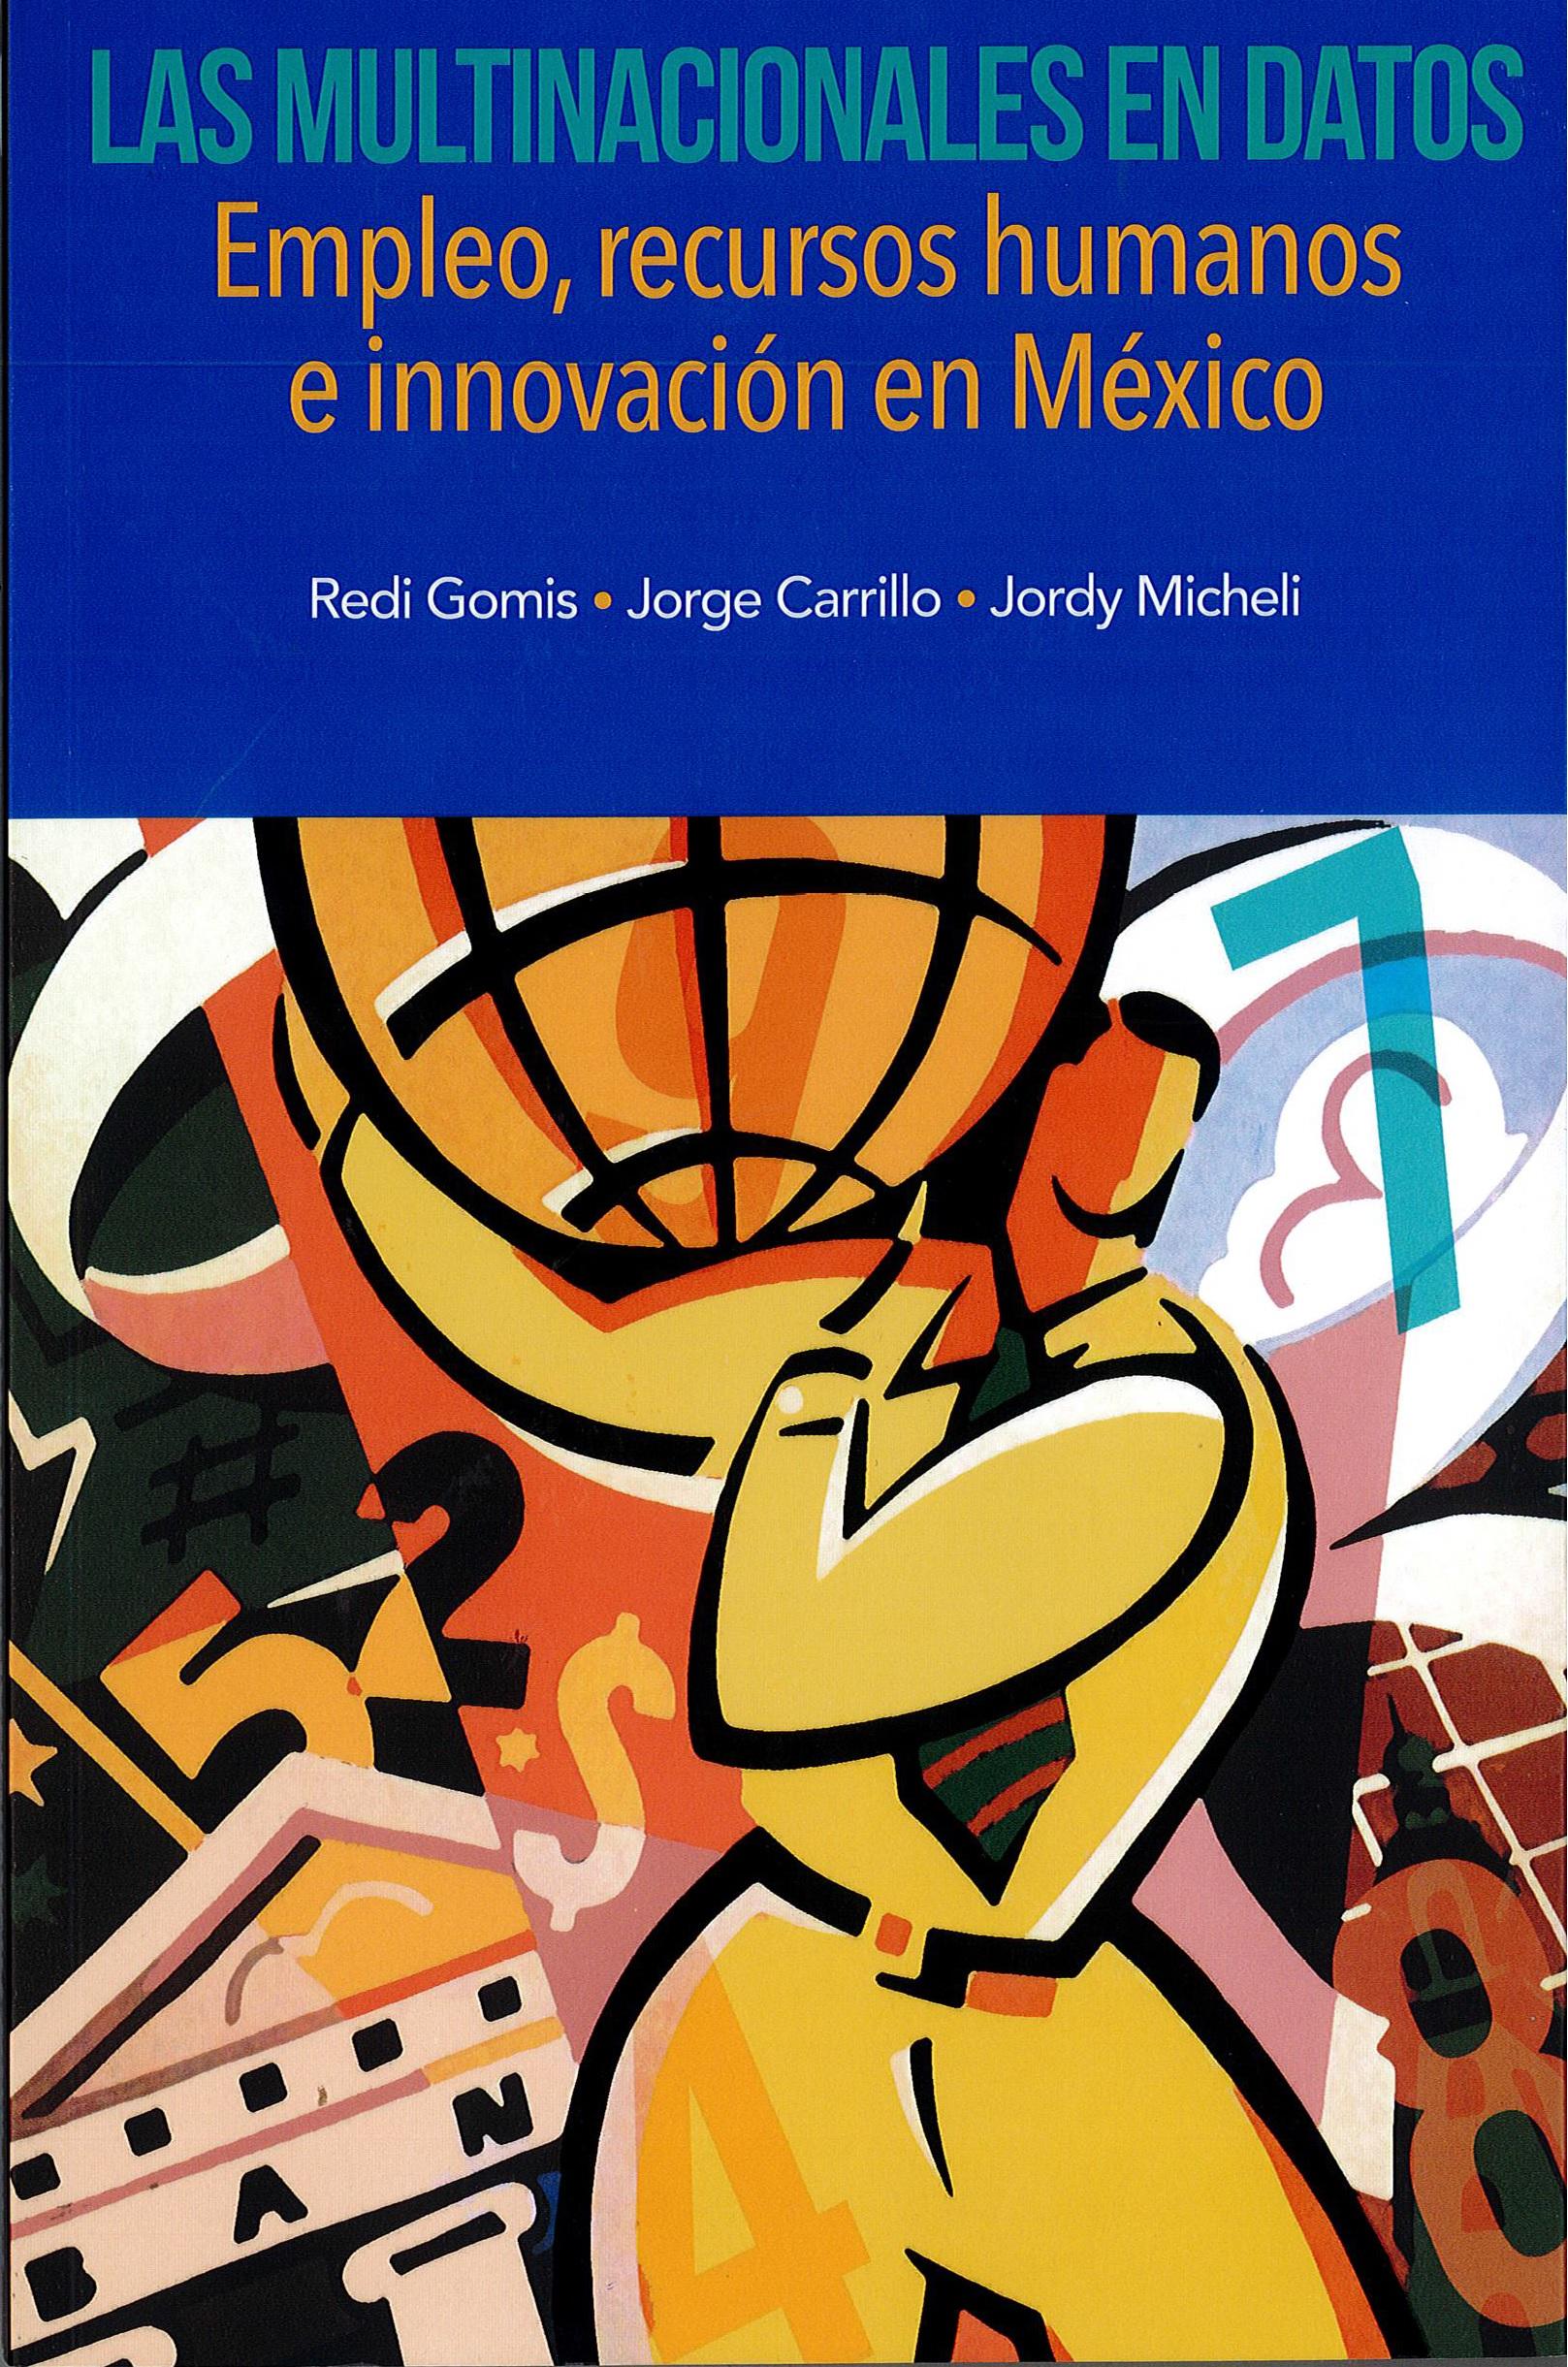 Portada de Las multinacionales en datos. Empleo, recursos humanos e innovación México